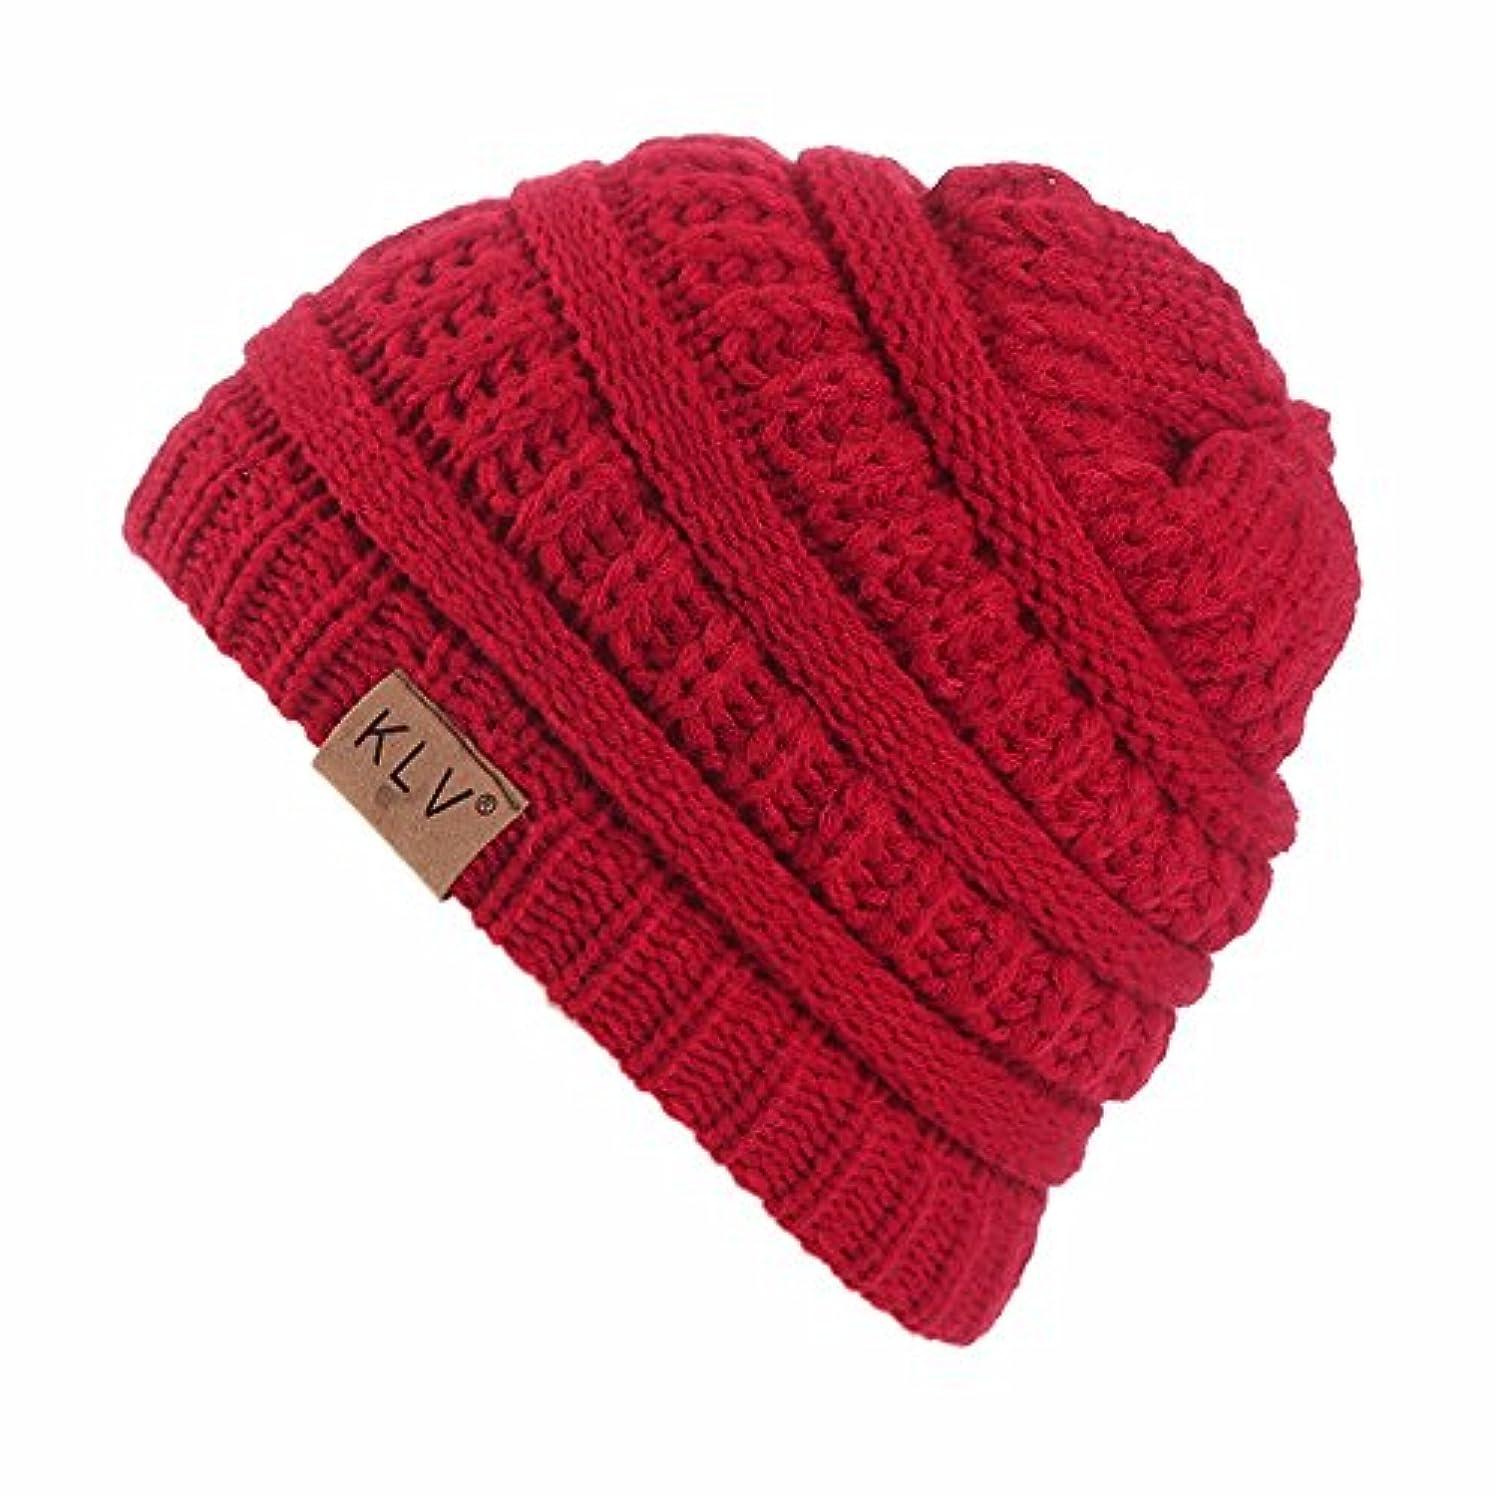 ベーカリー勤勉胴体Racazing クリスマス Hat 選べる6 色 編み物 ニット帽 子供用 通気性のある 男女兼用 防風防寒对策 ニット帽 暖かい 軽量 屋外 クリスマス Unisex Cap (ワイン)